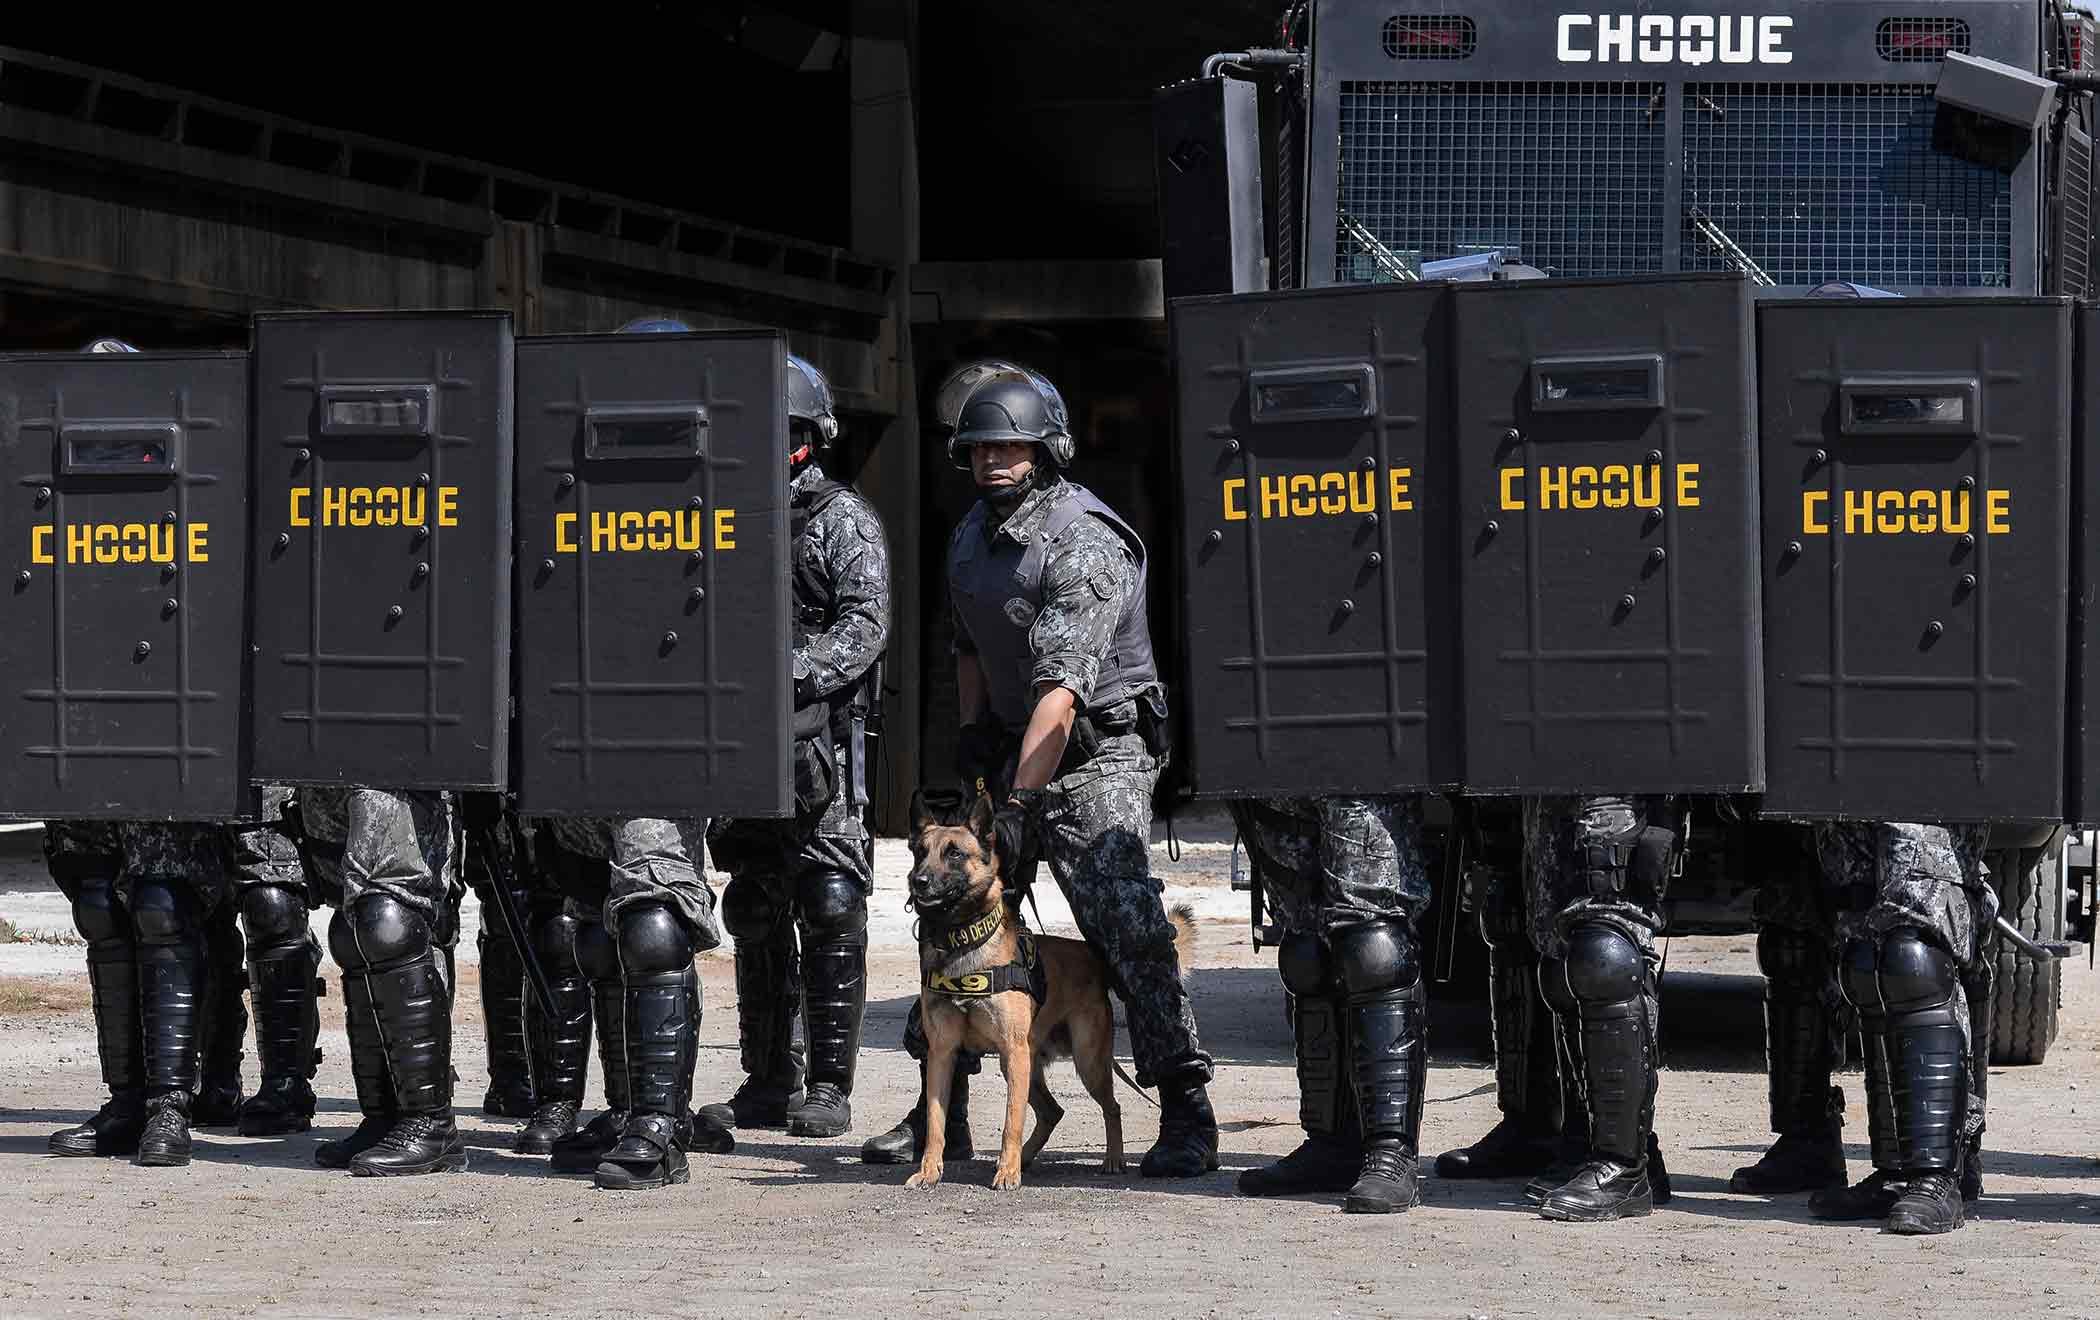 Choque-Luis-Augusto-Ambar-DSC_4298-bx